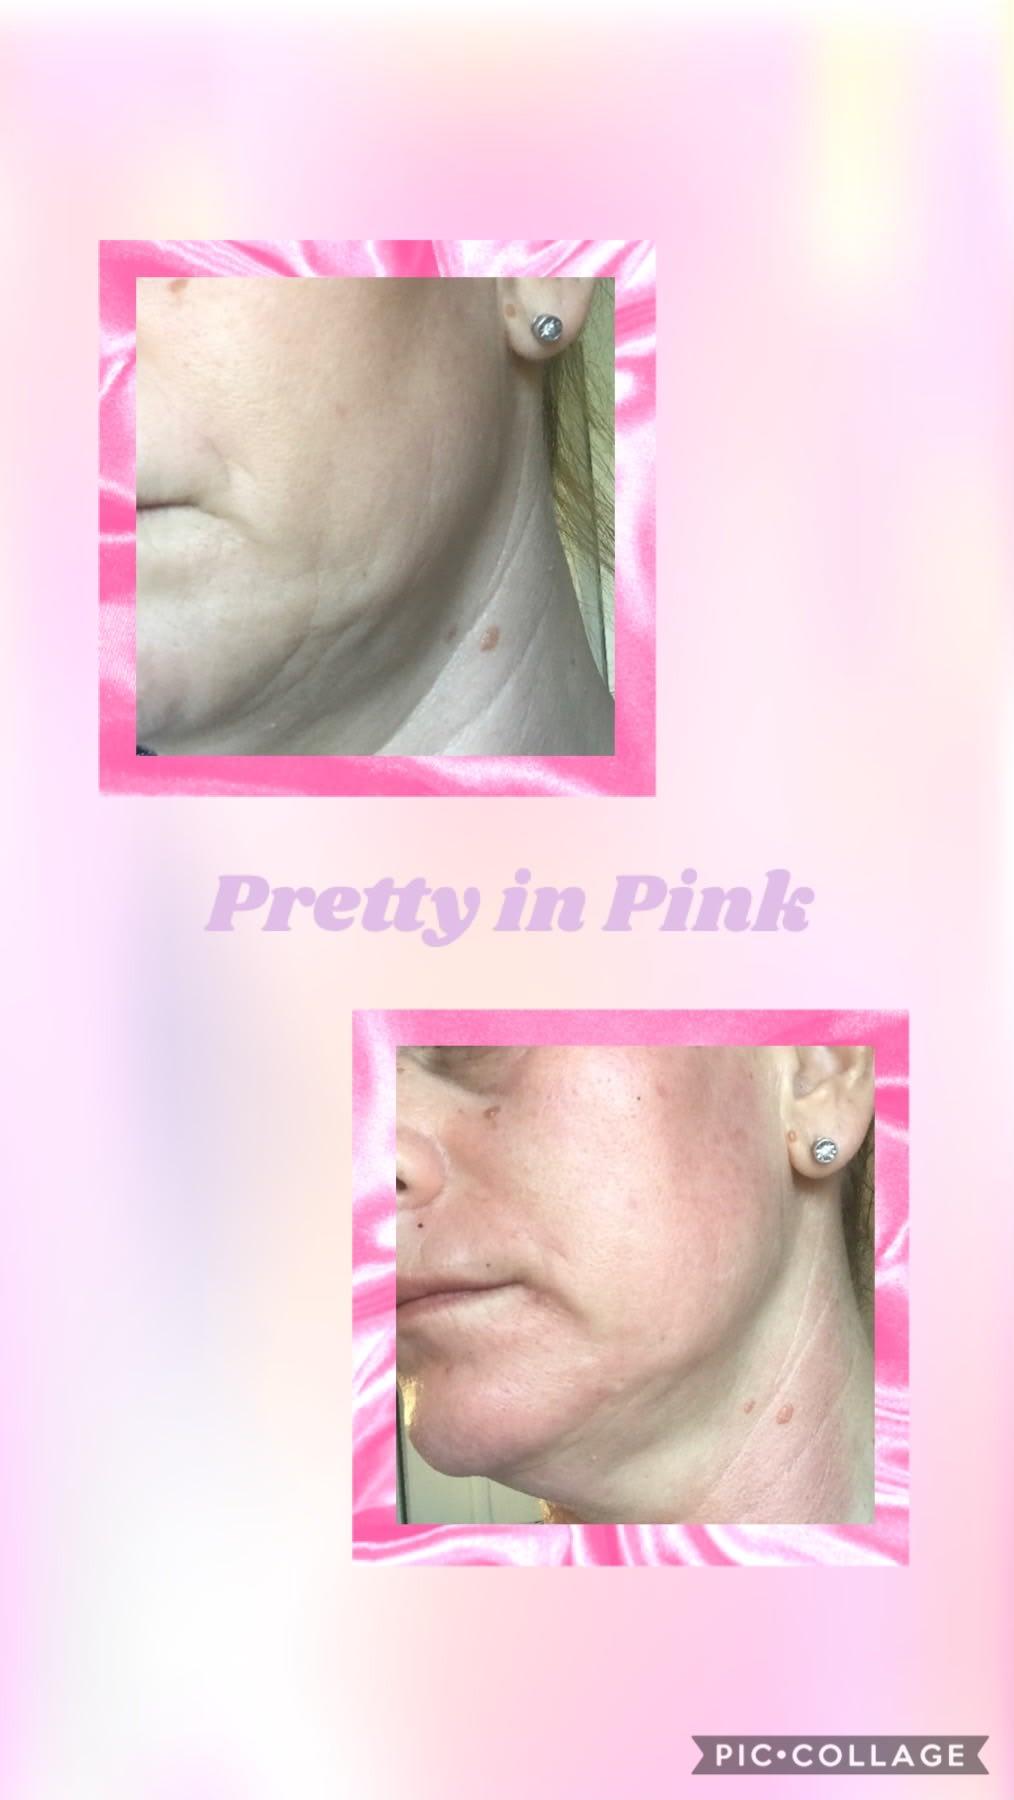 Skin Pro V